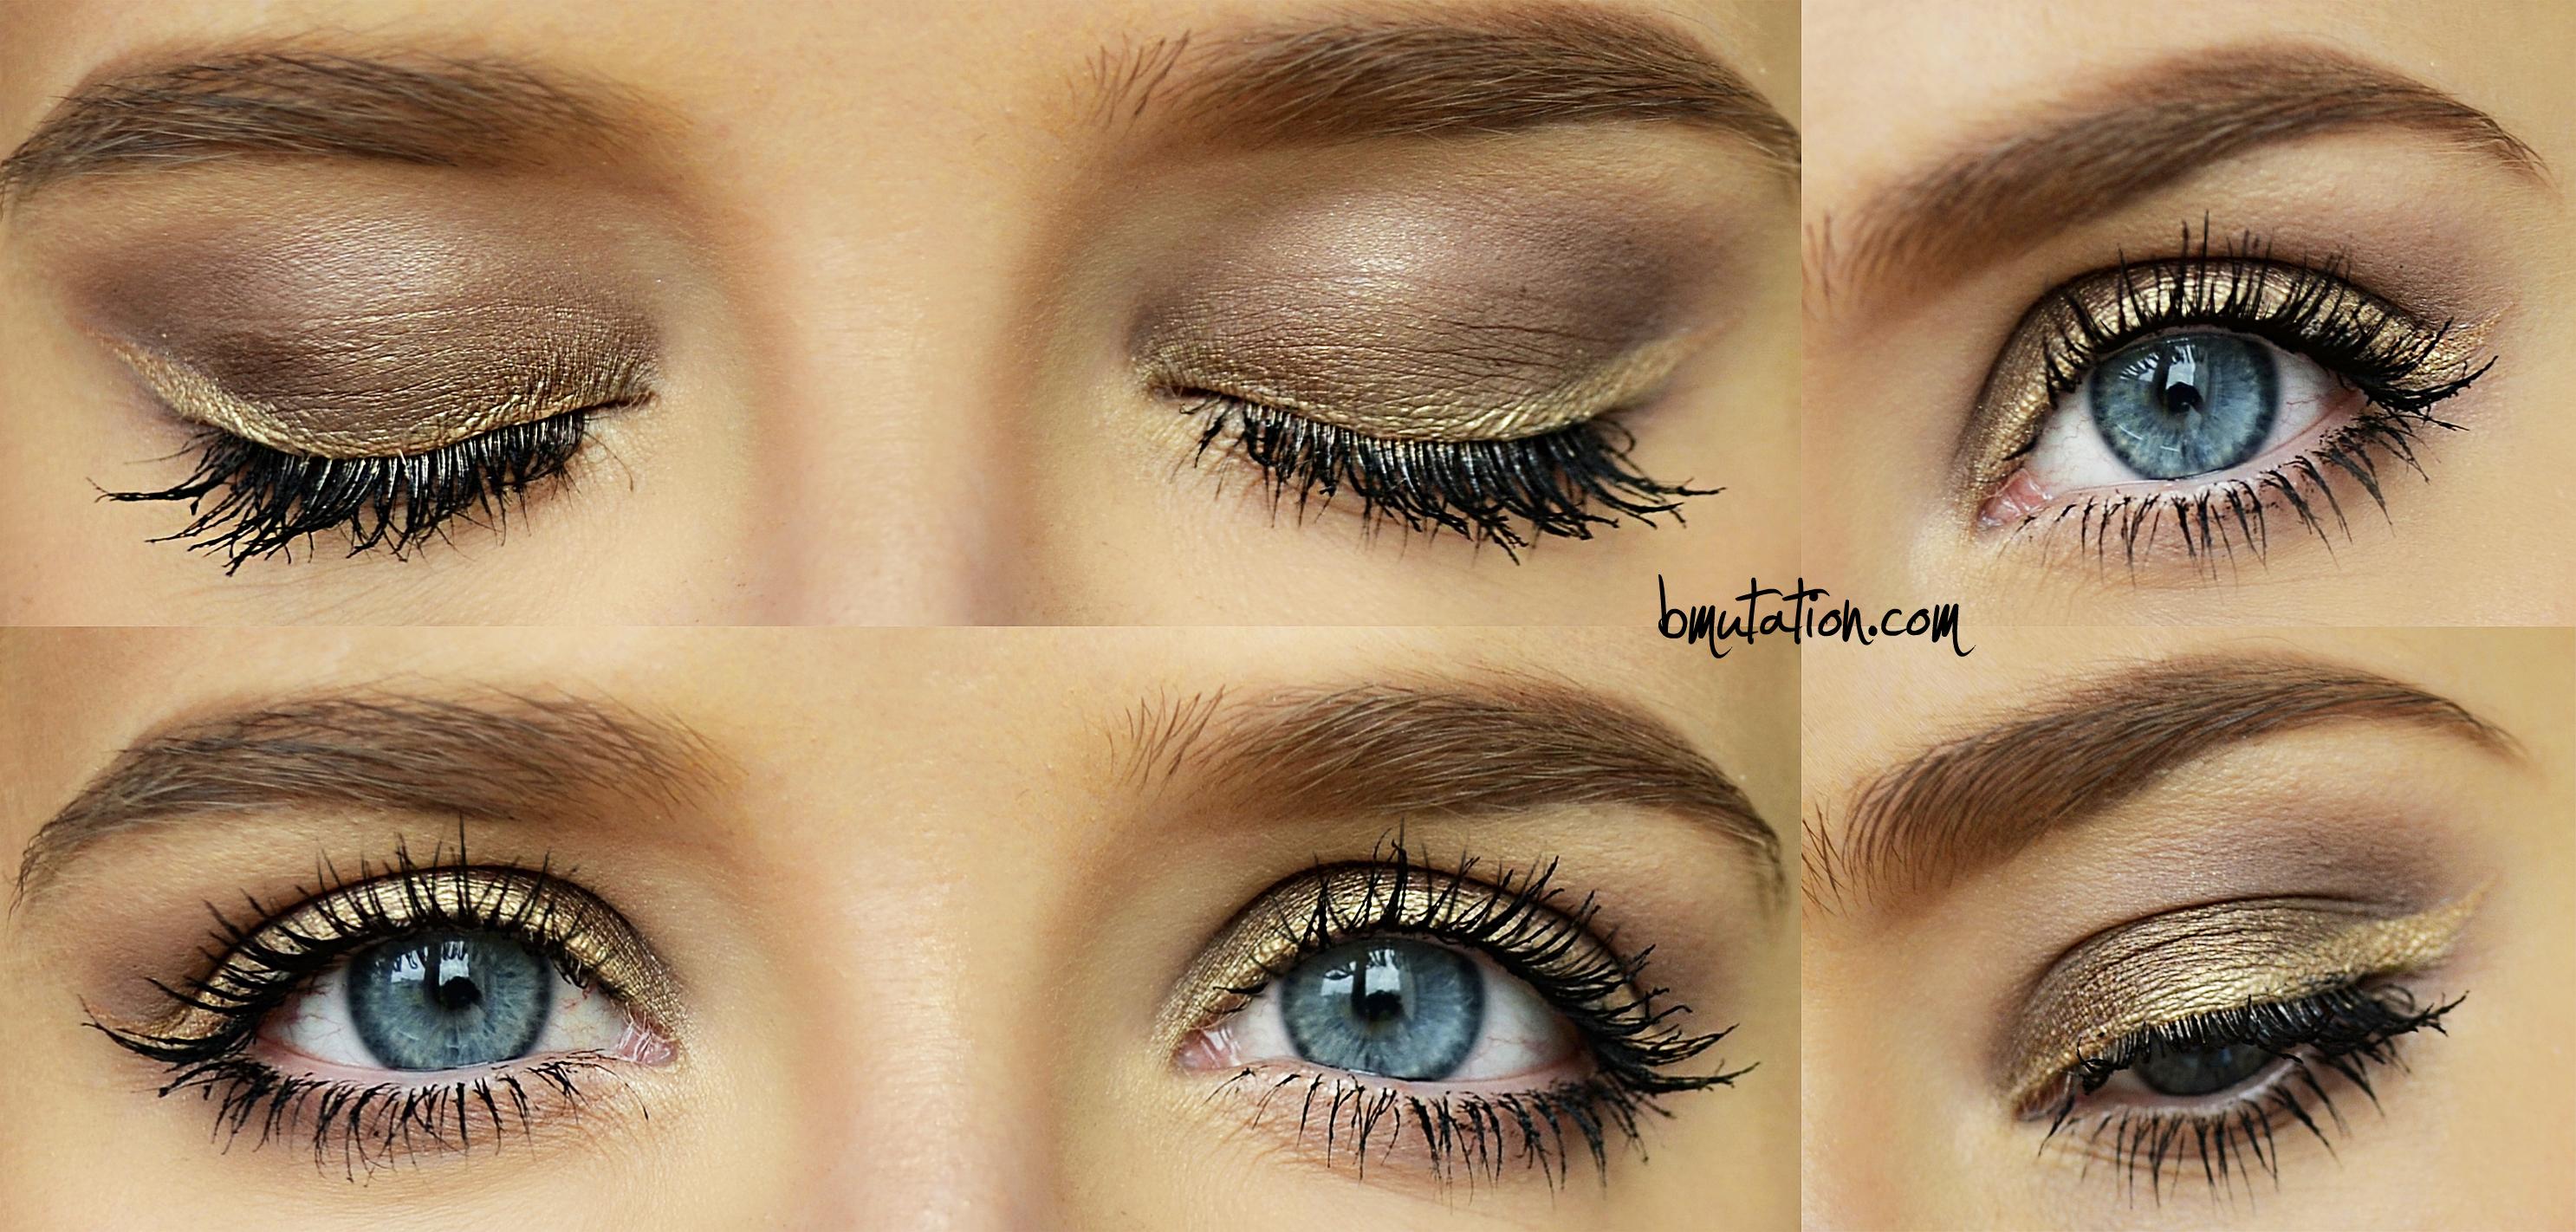 Макияж для глаз со светлыми тенями